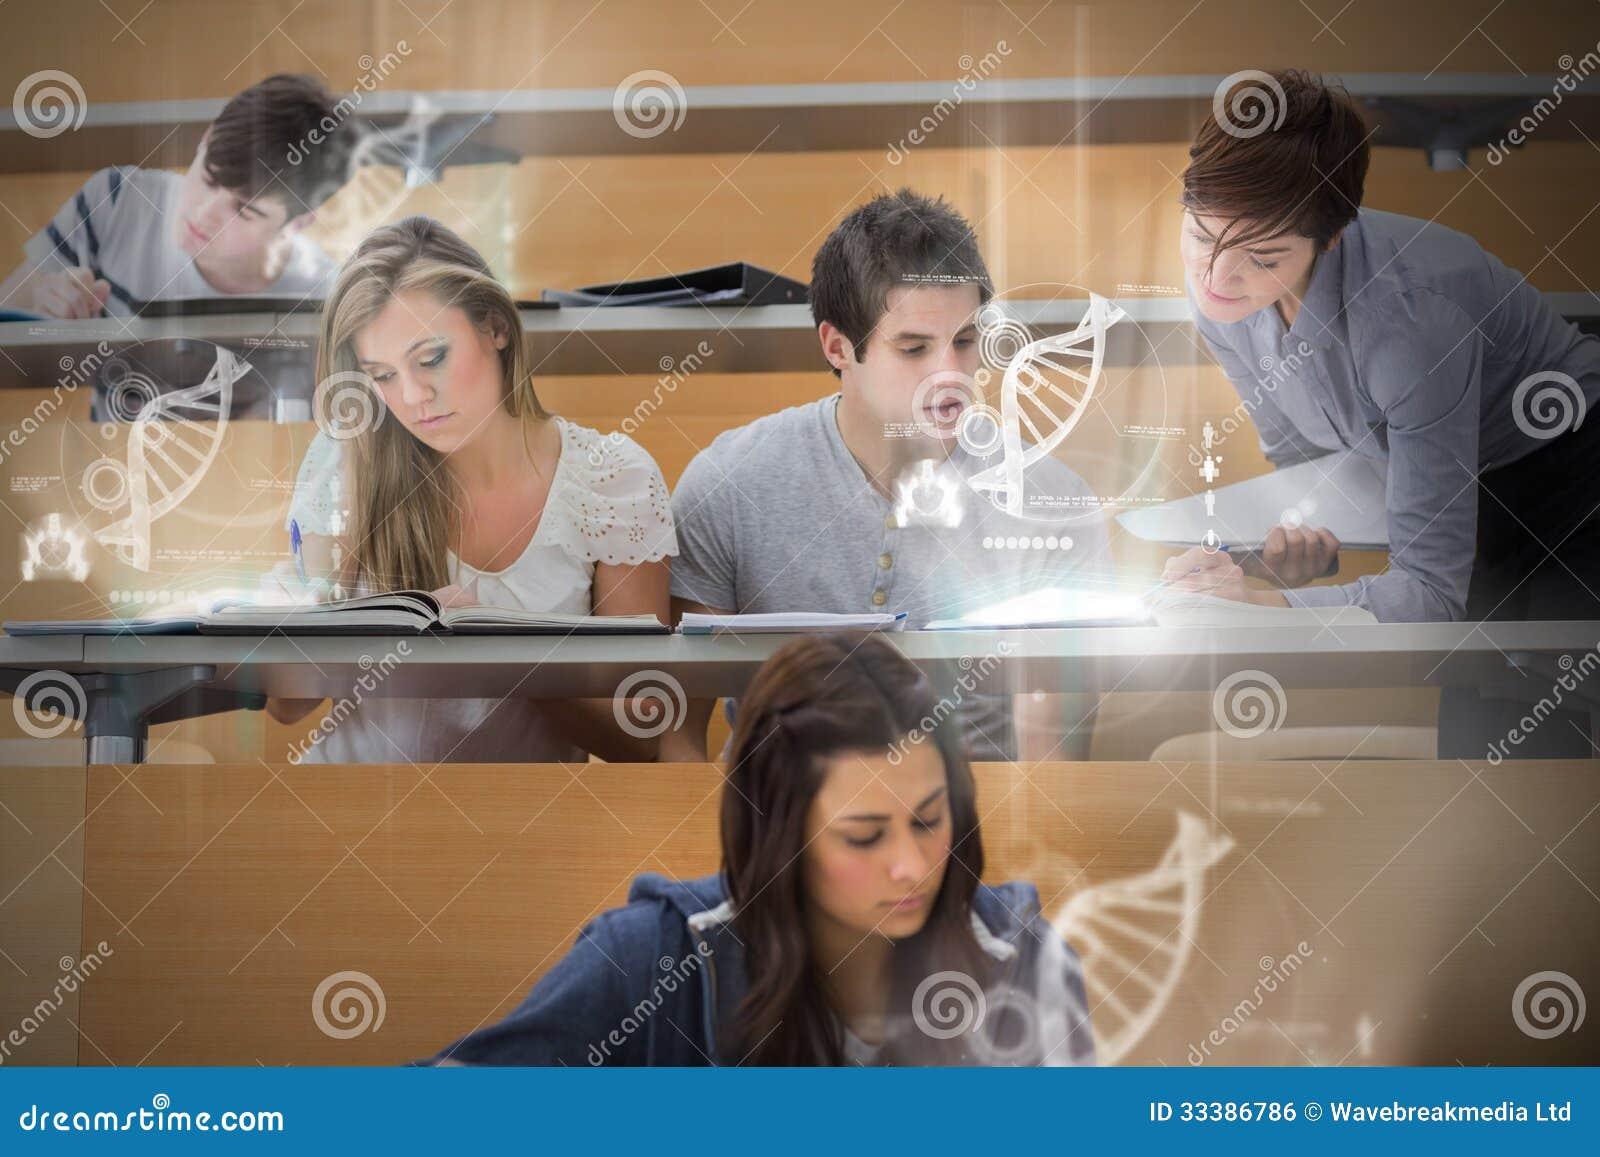 Studenti che usando interfaccia futuristica per imparare circa scienza da